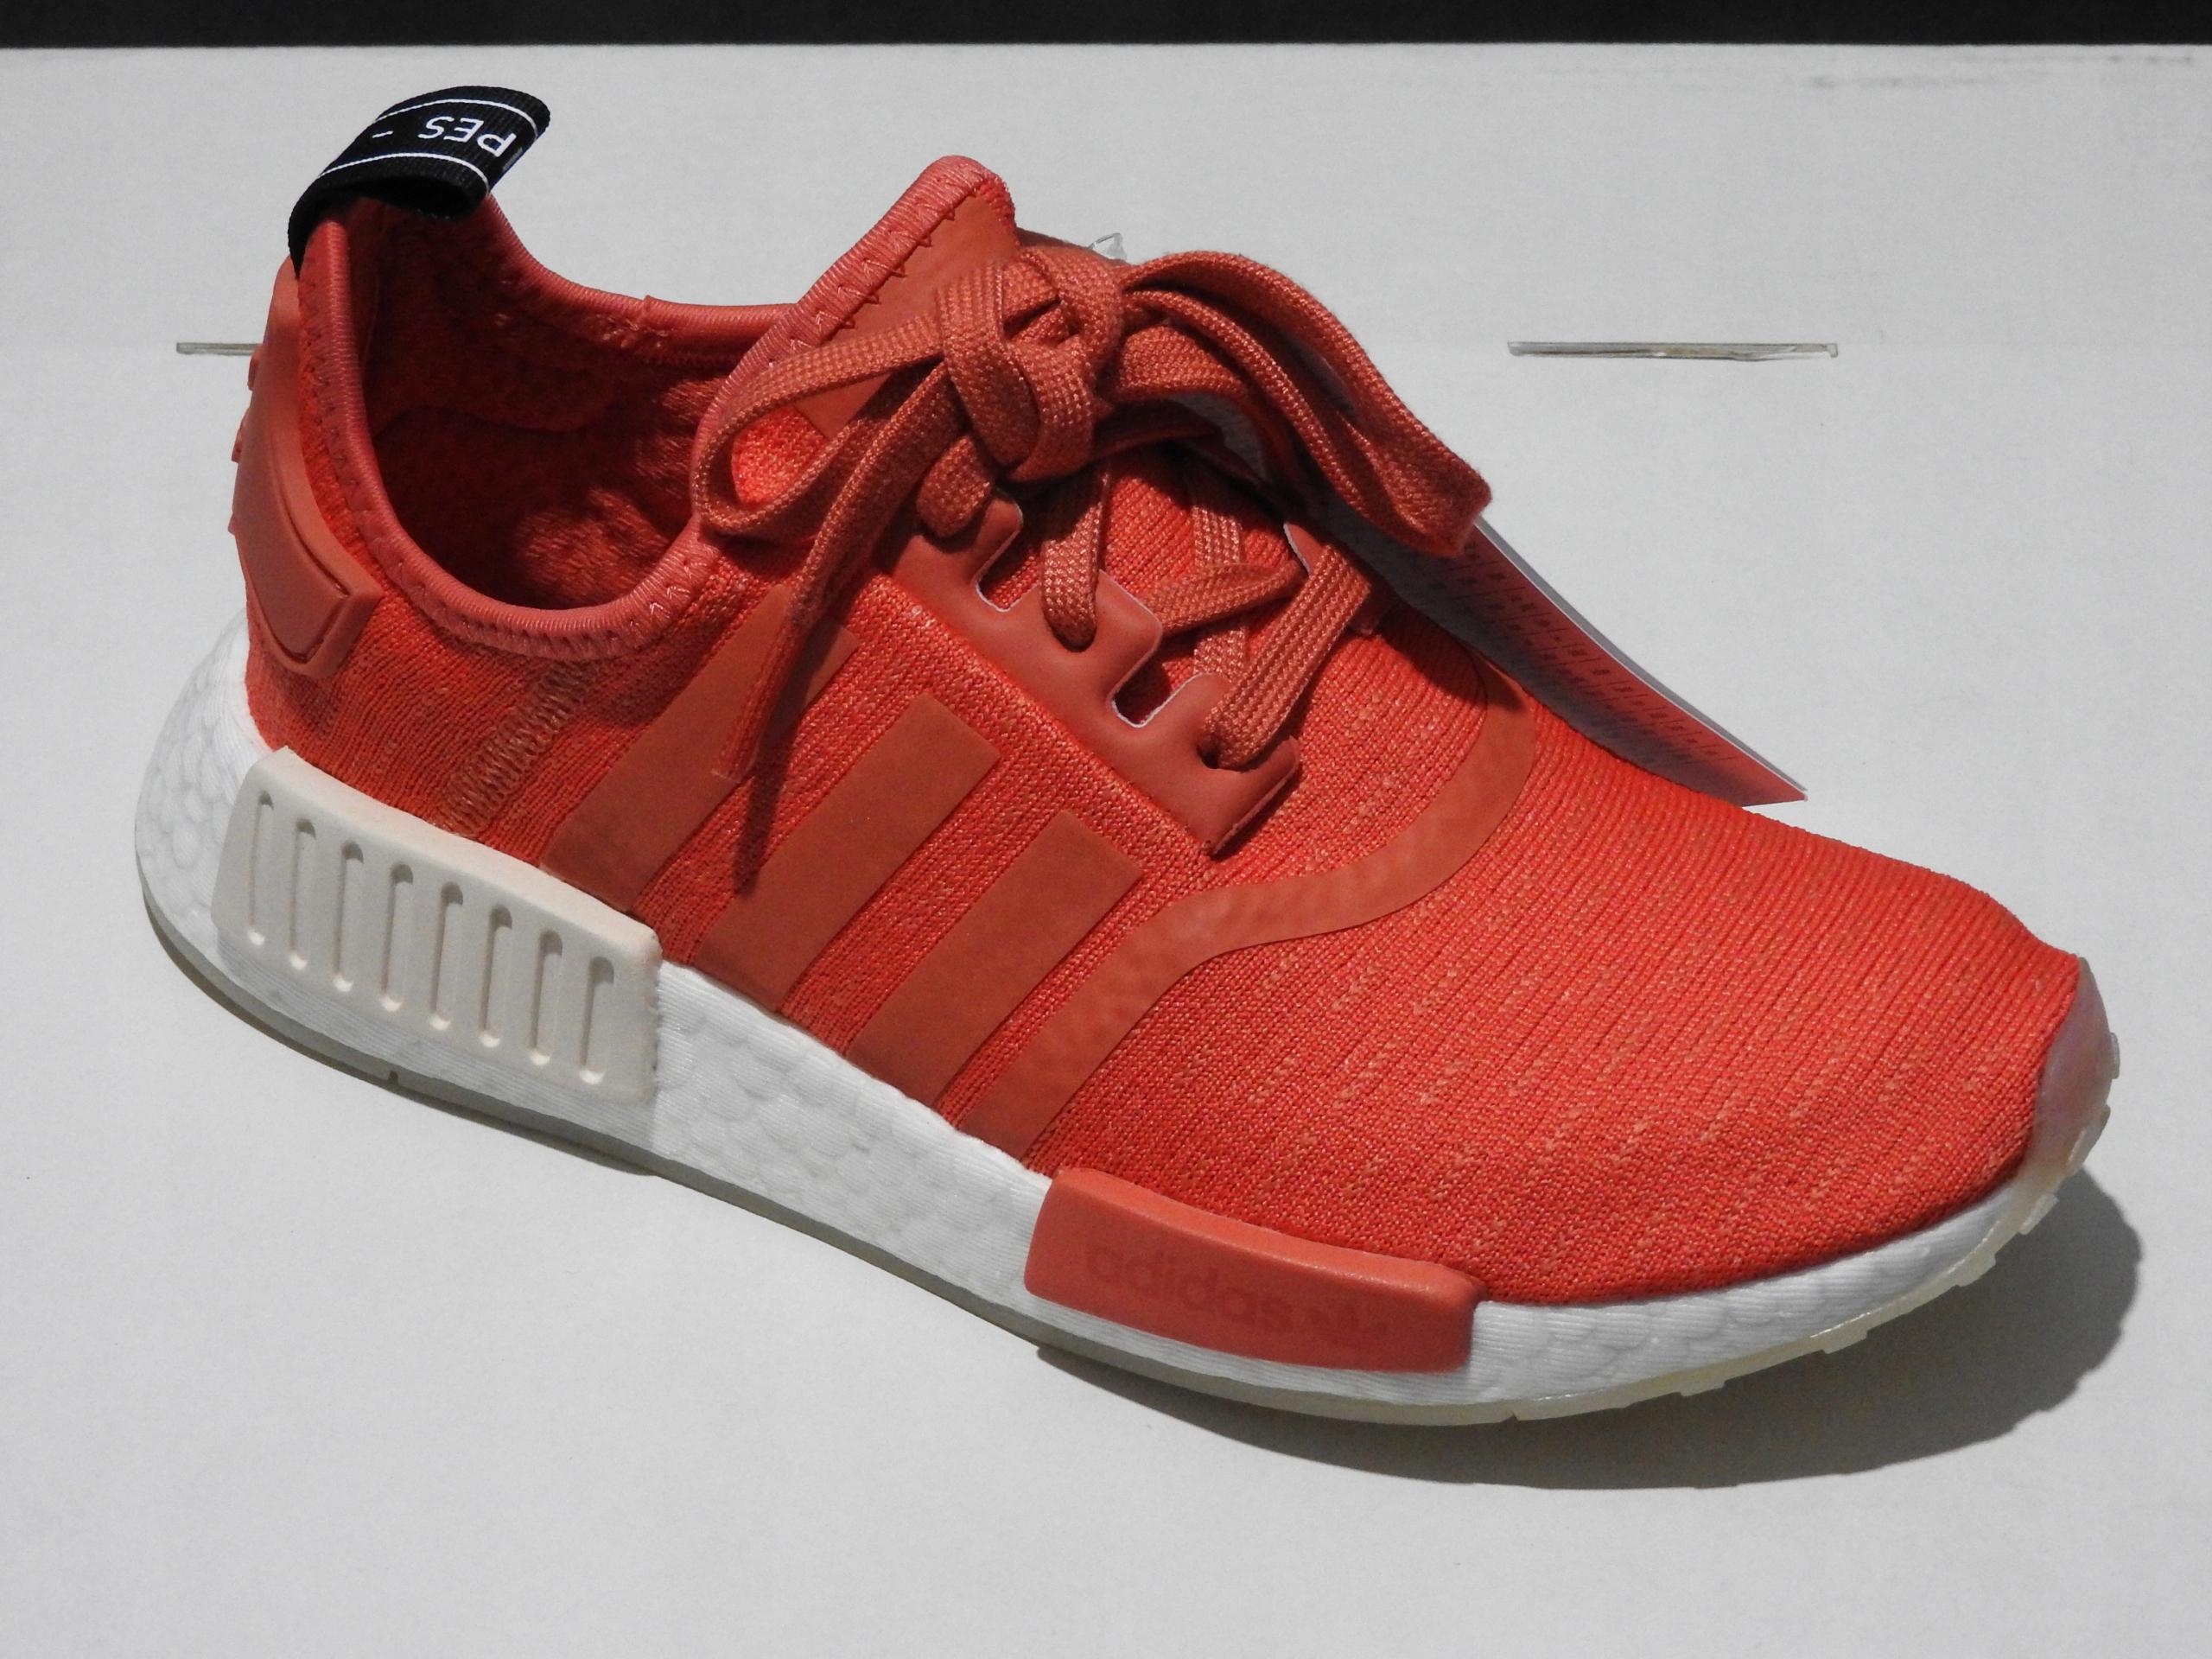 Adidas NMD R1 W r. 38 damskie czerwone buty nowe boost